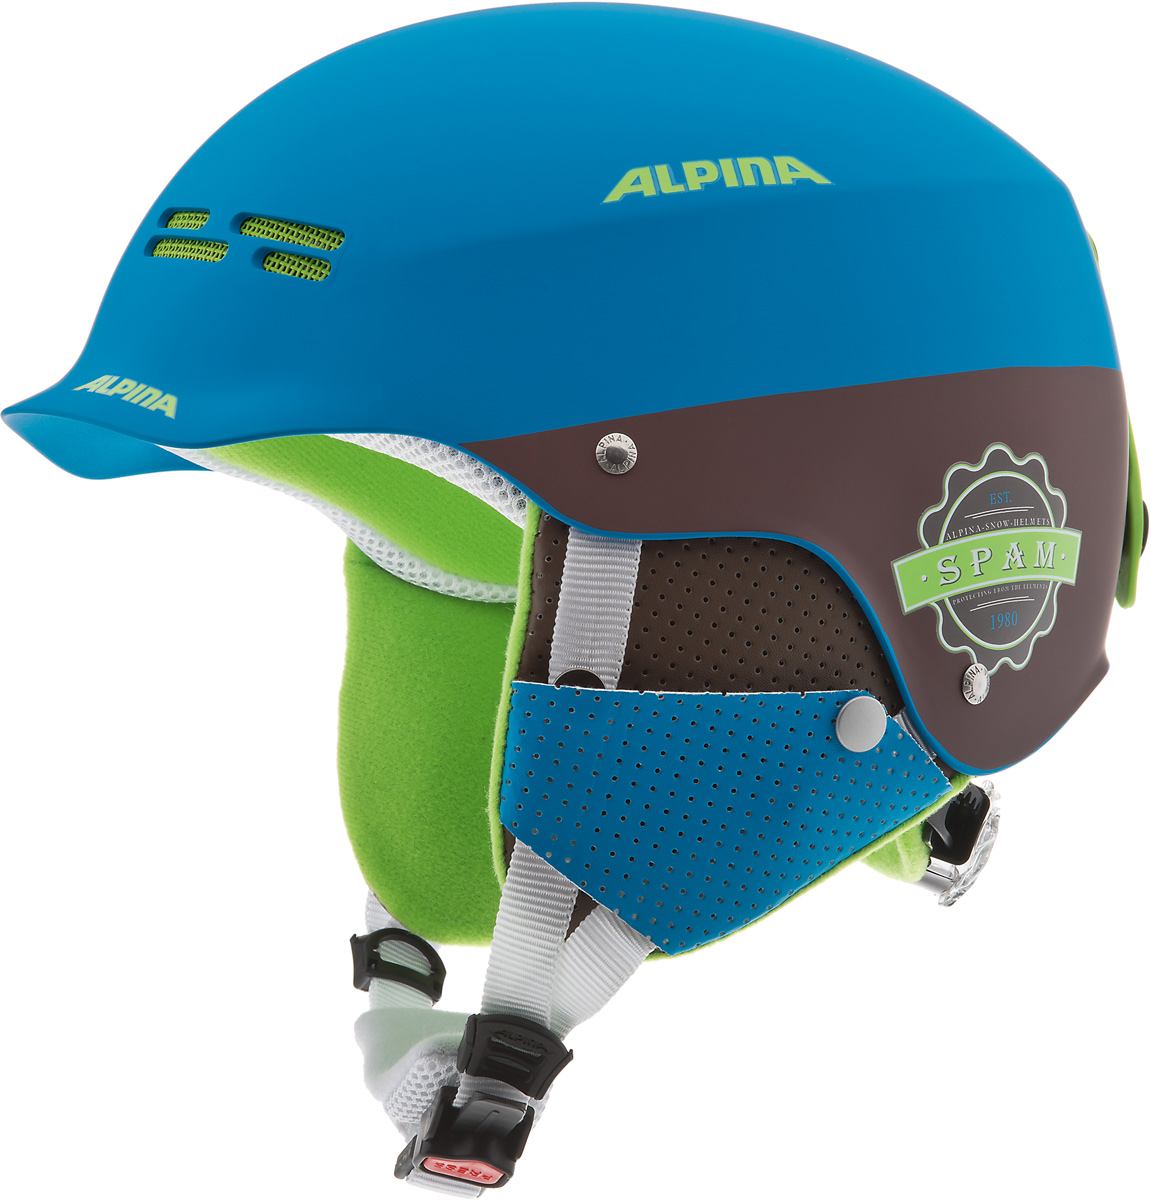 Шлем горнолыжный детский Alpina Spam Cap JR, цвет: синий, коричневый. A9064_83. Размер 50-54 бензопила alpina серия black a 4500 18